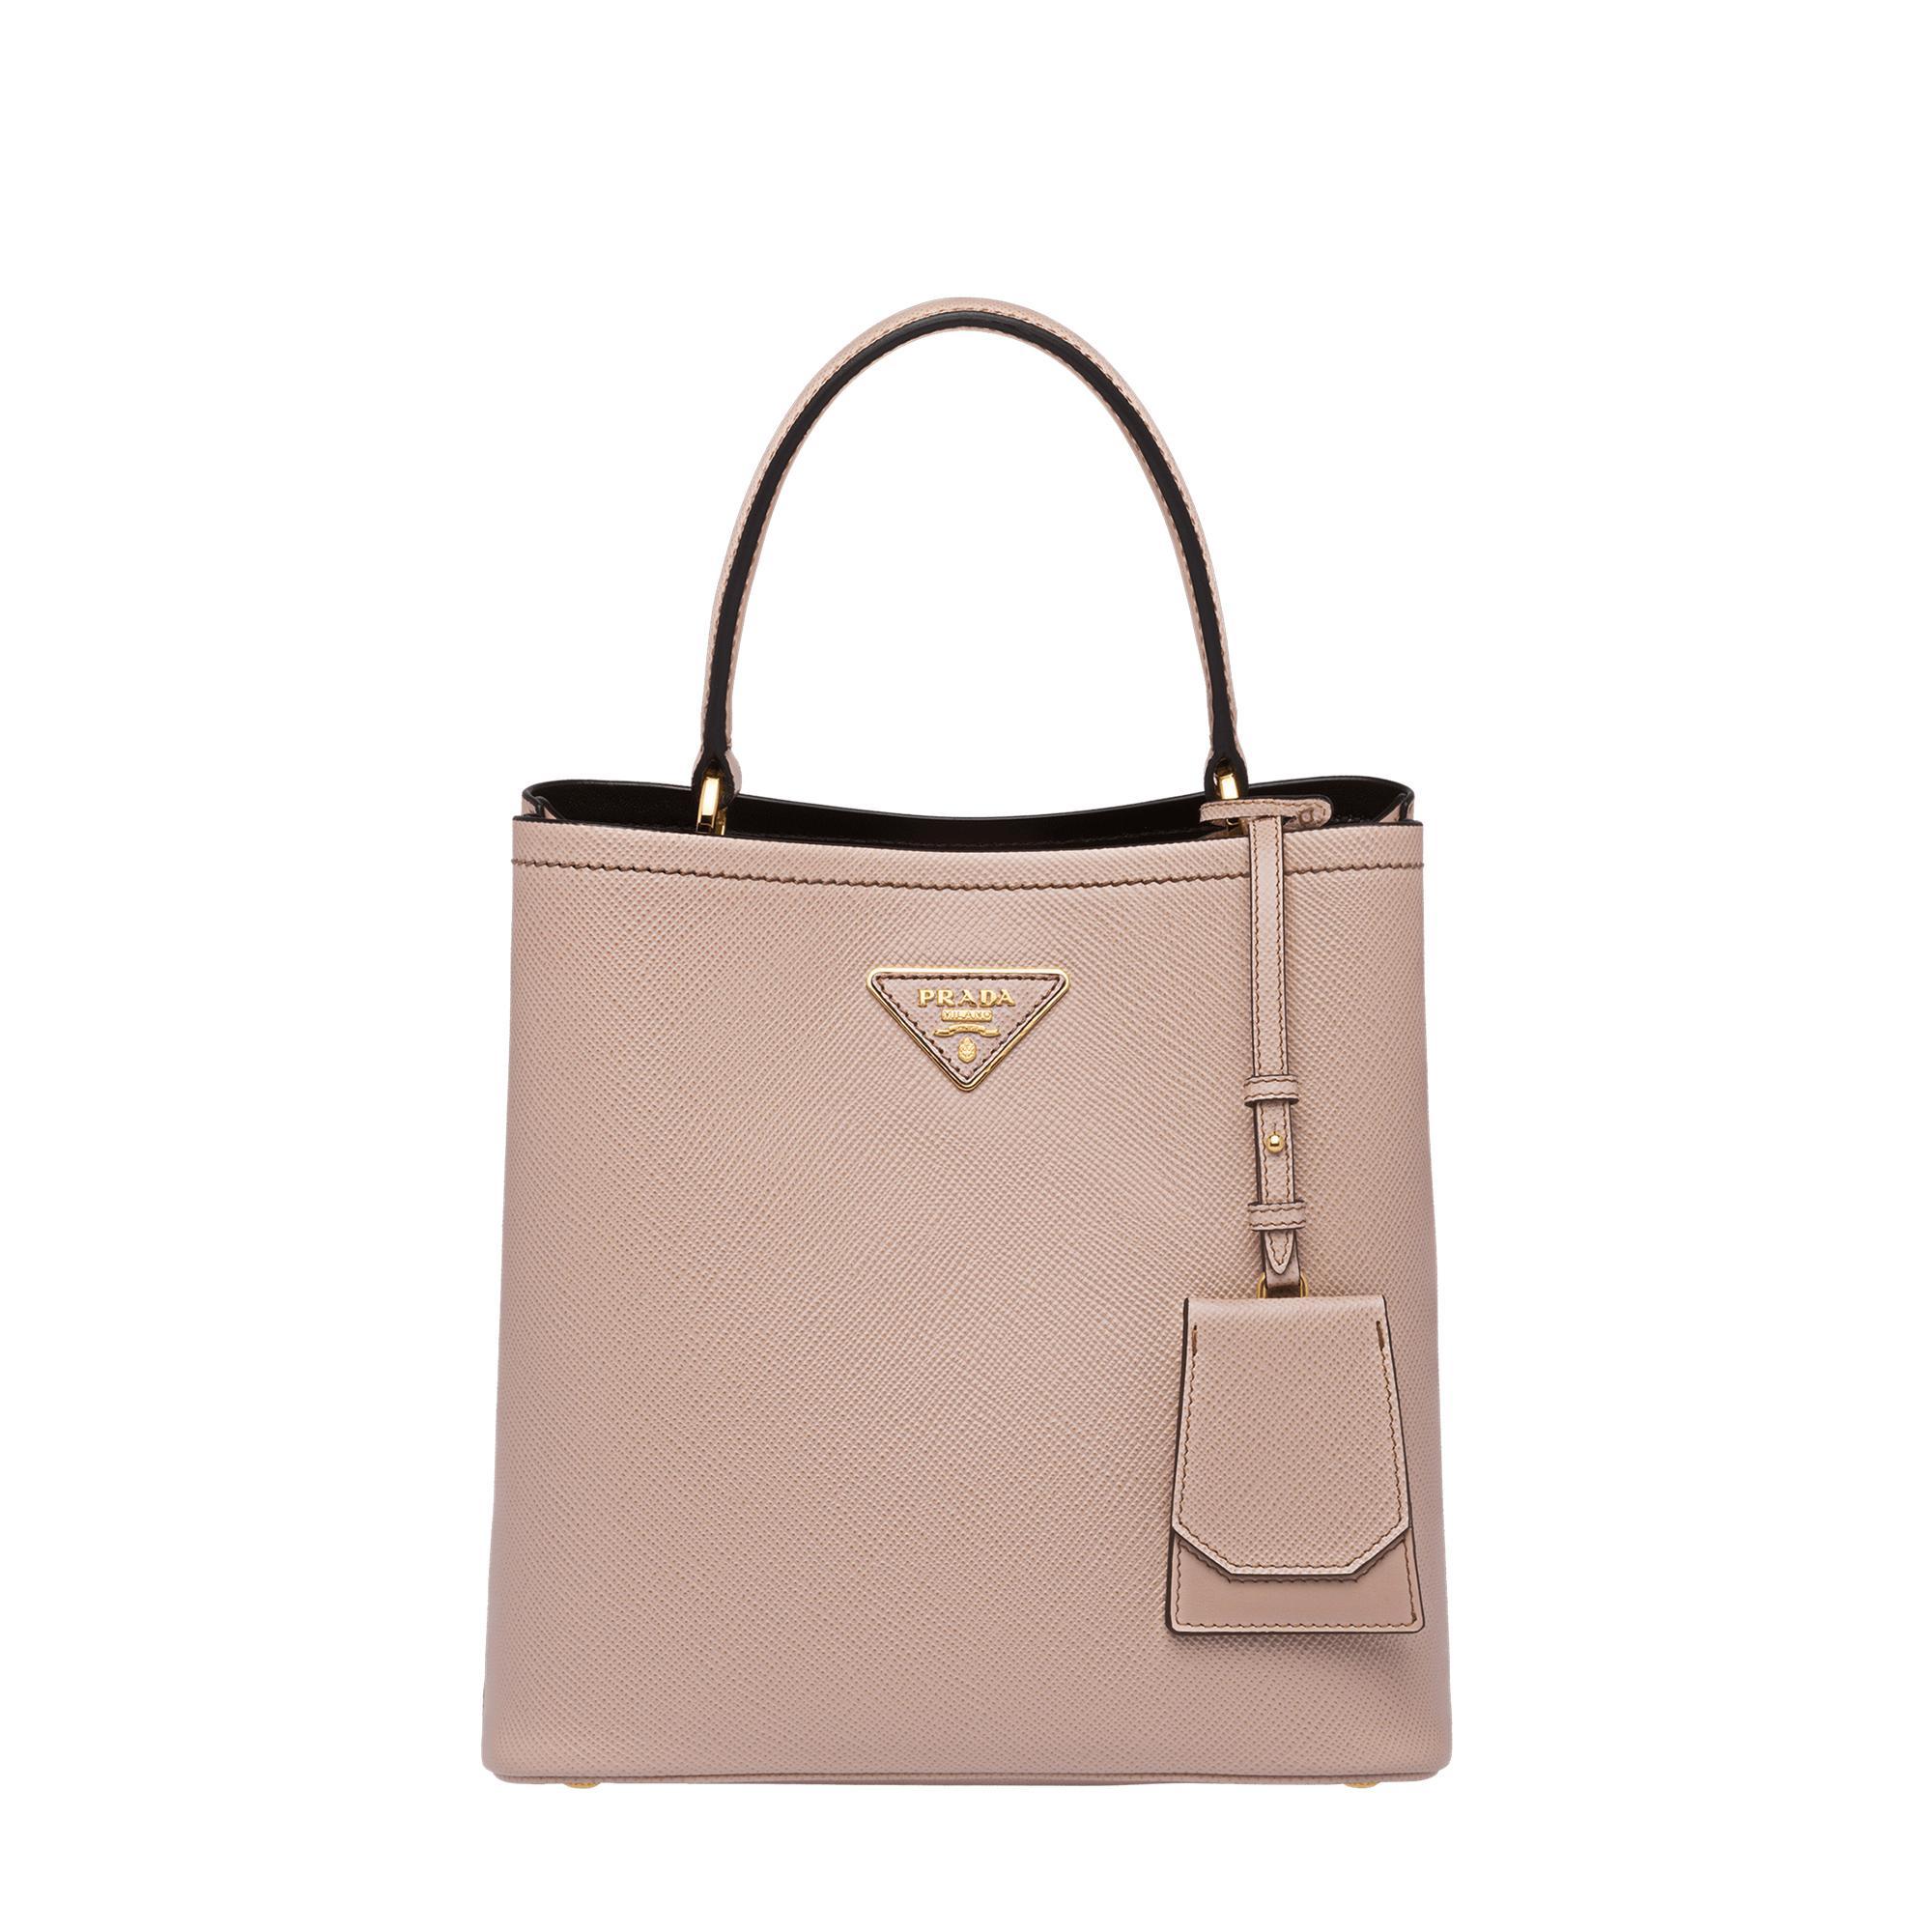 Panier medium bag